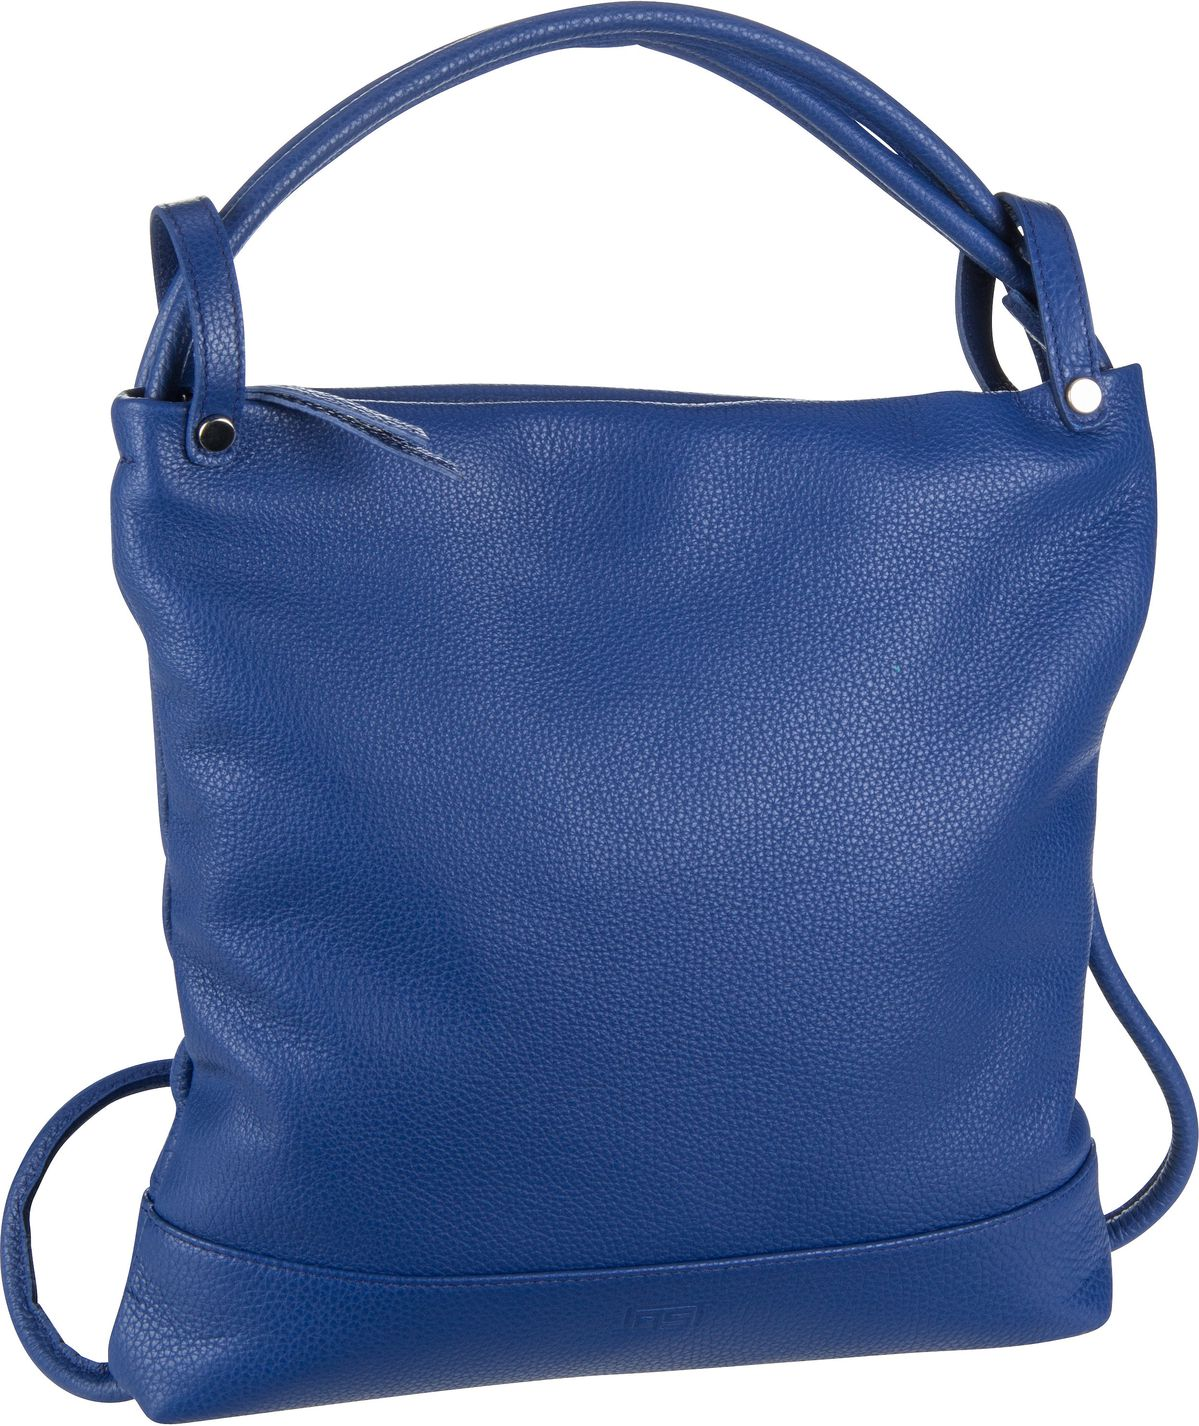 Rucksack / Daypack Vika 1831 Hobo Bag Backpack Royalblue